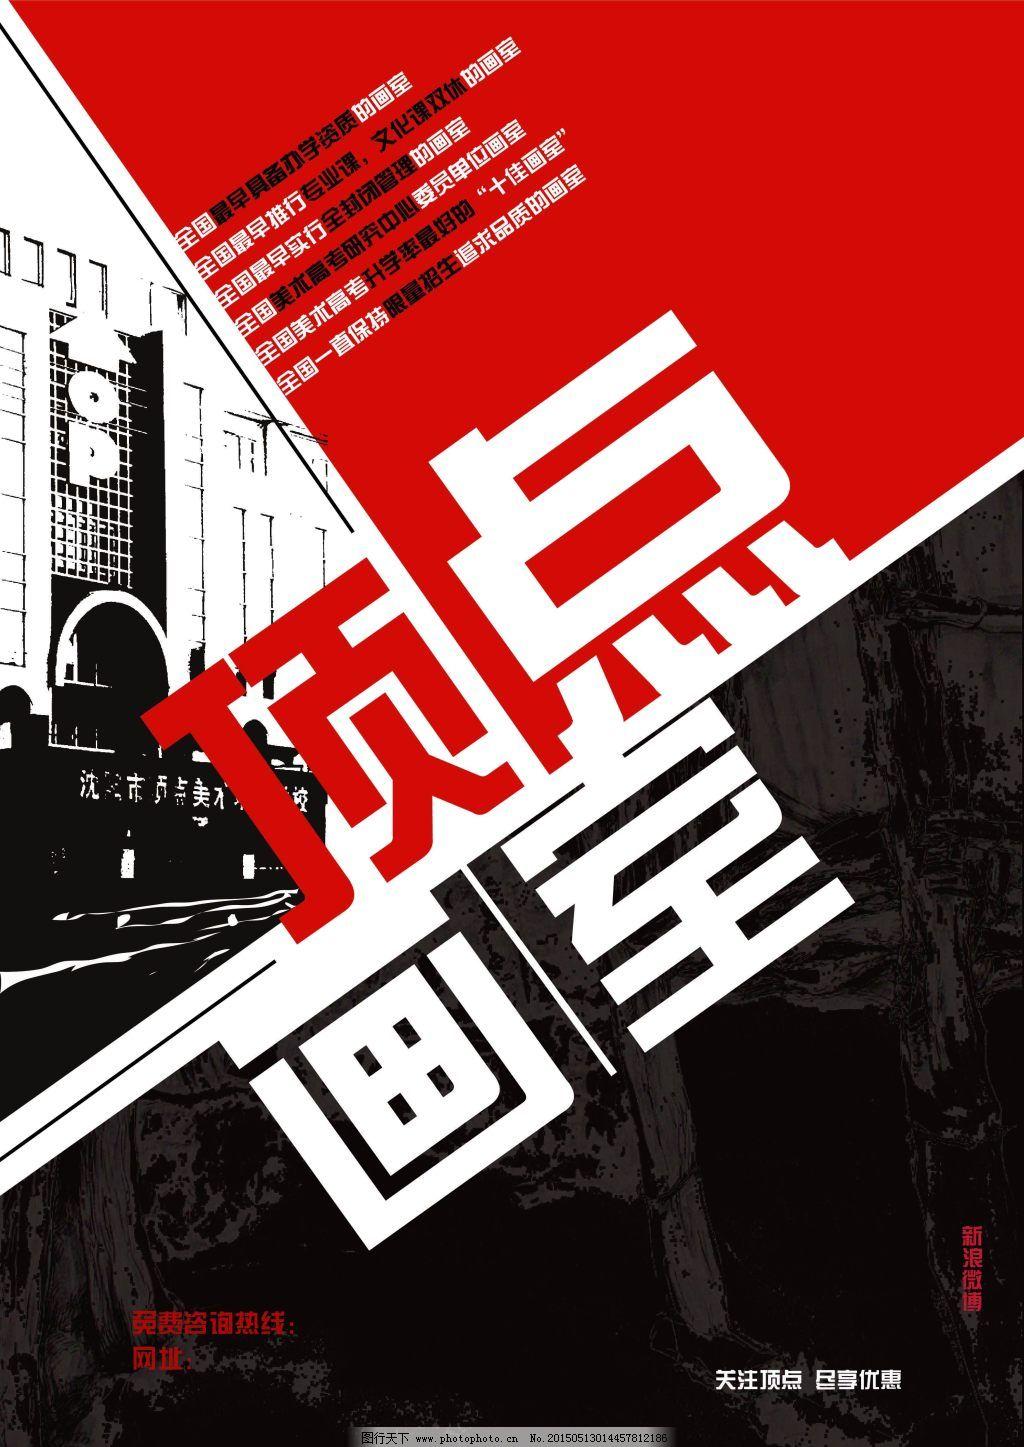 画室宣传免费下载 画室 宣传 顶点 画室 宣传 海报 原创设计 原创海报